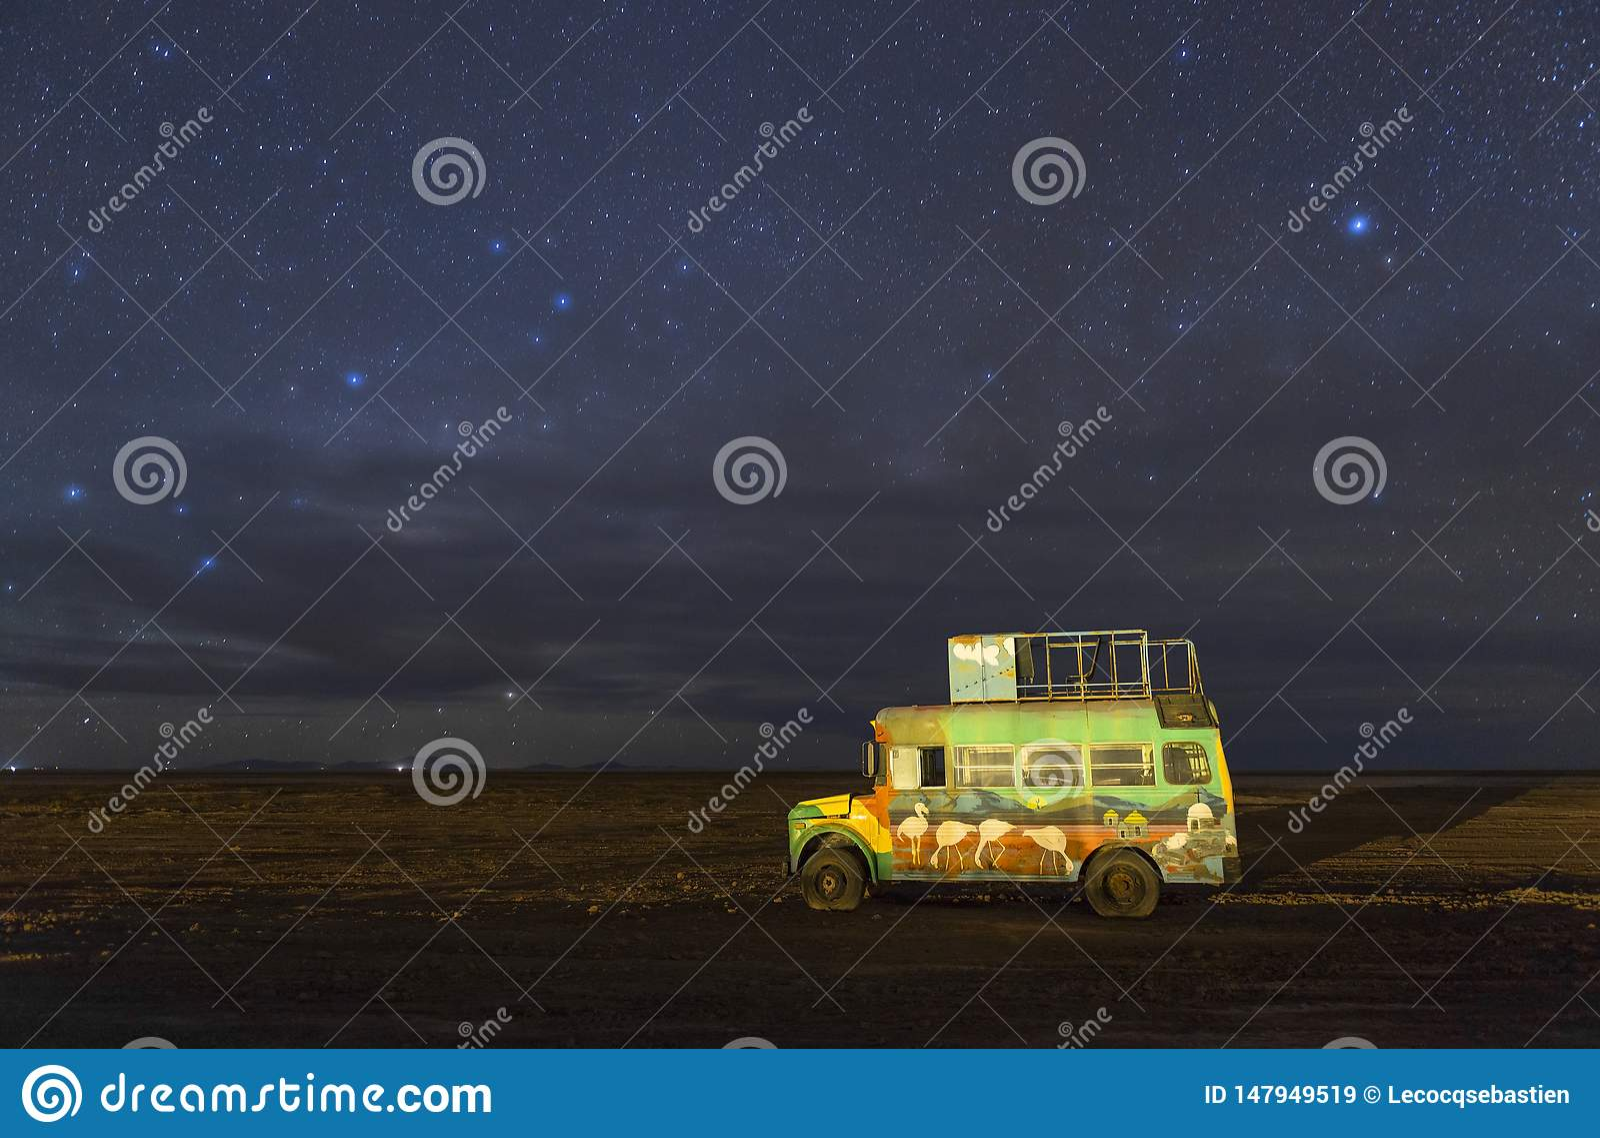 乌尤尼盐沼盐平的夜空,玻利维亚